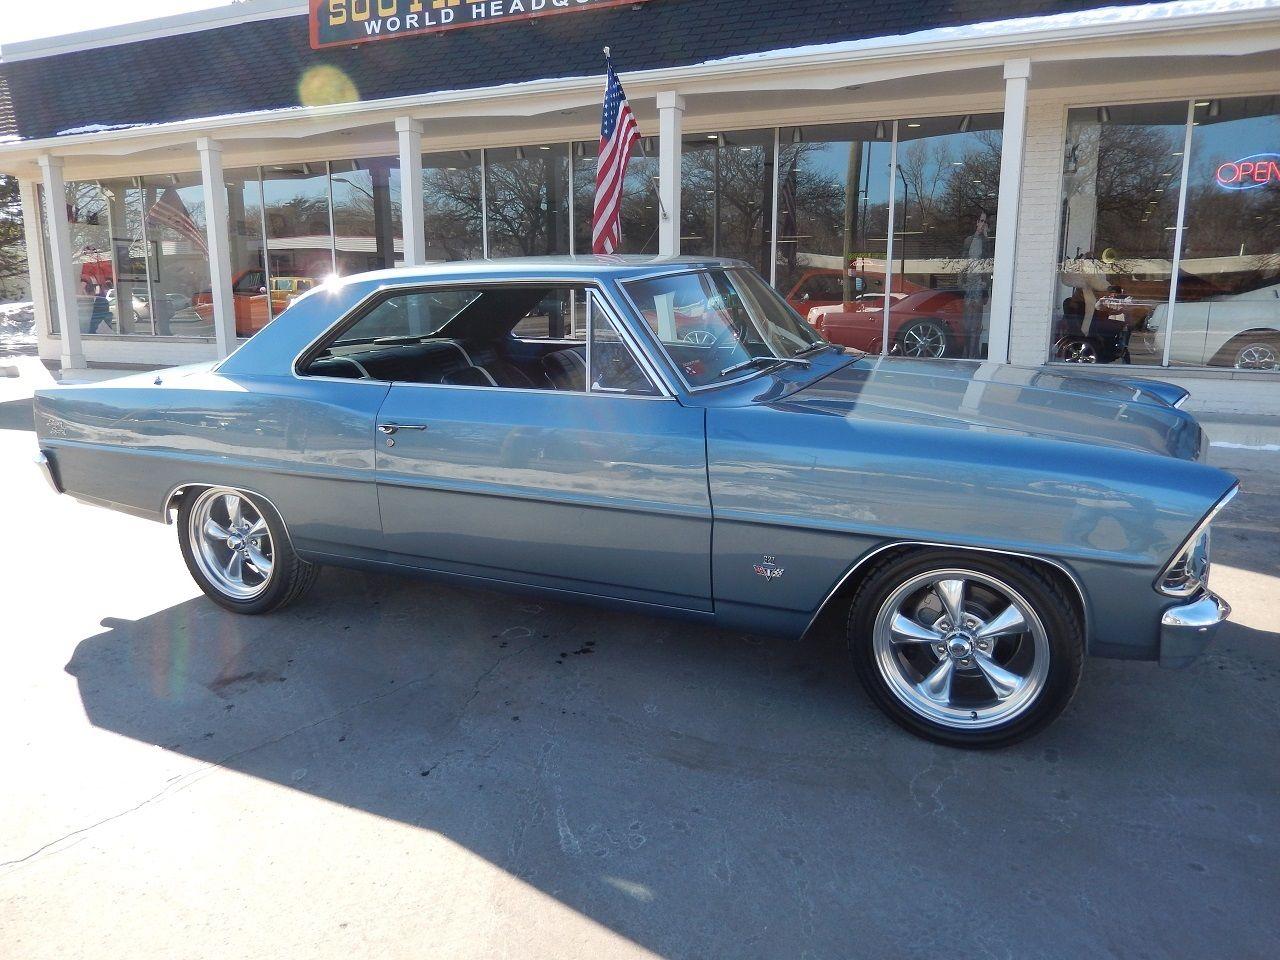 1967 Chevrolet Nova Ss Seel Blue 327 700r4 Disc Brakes